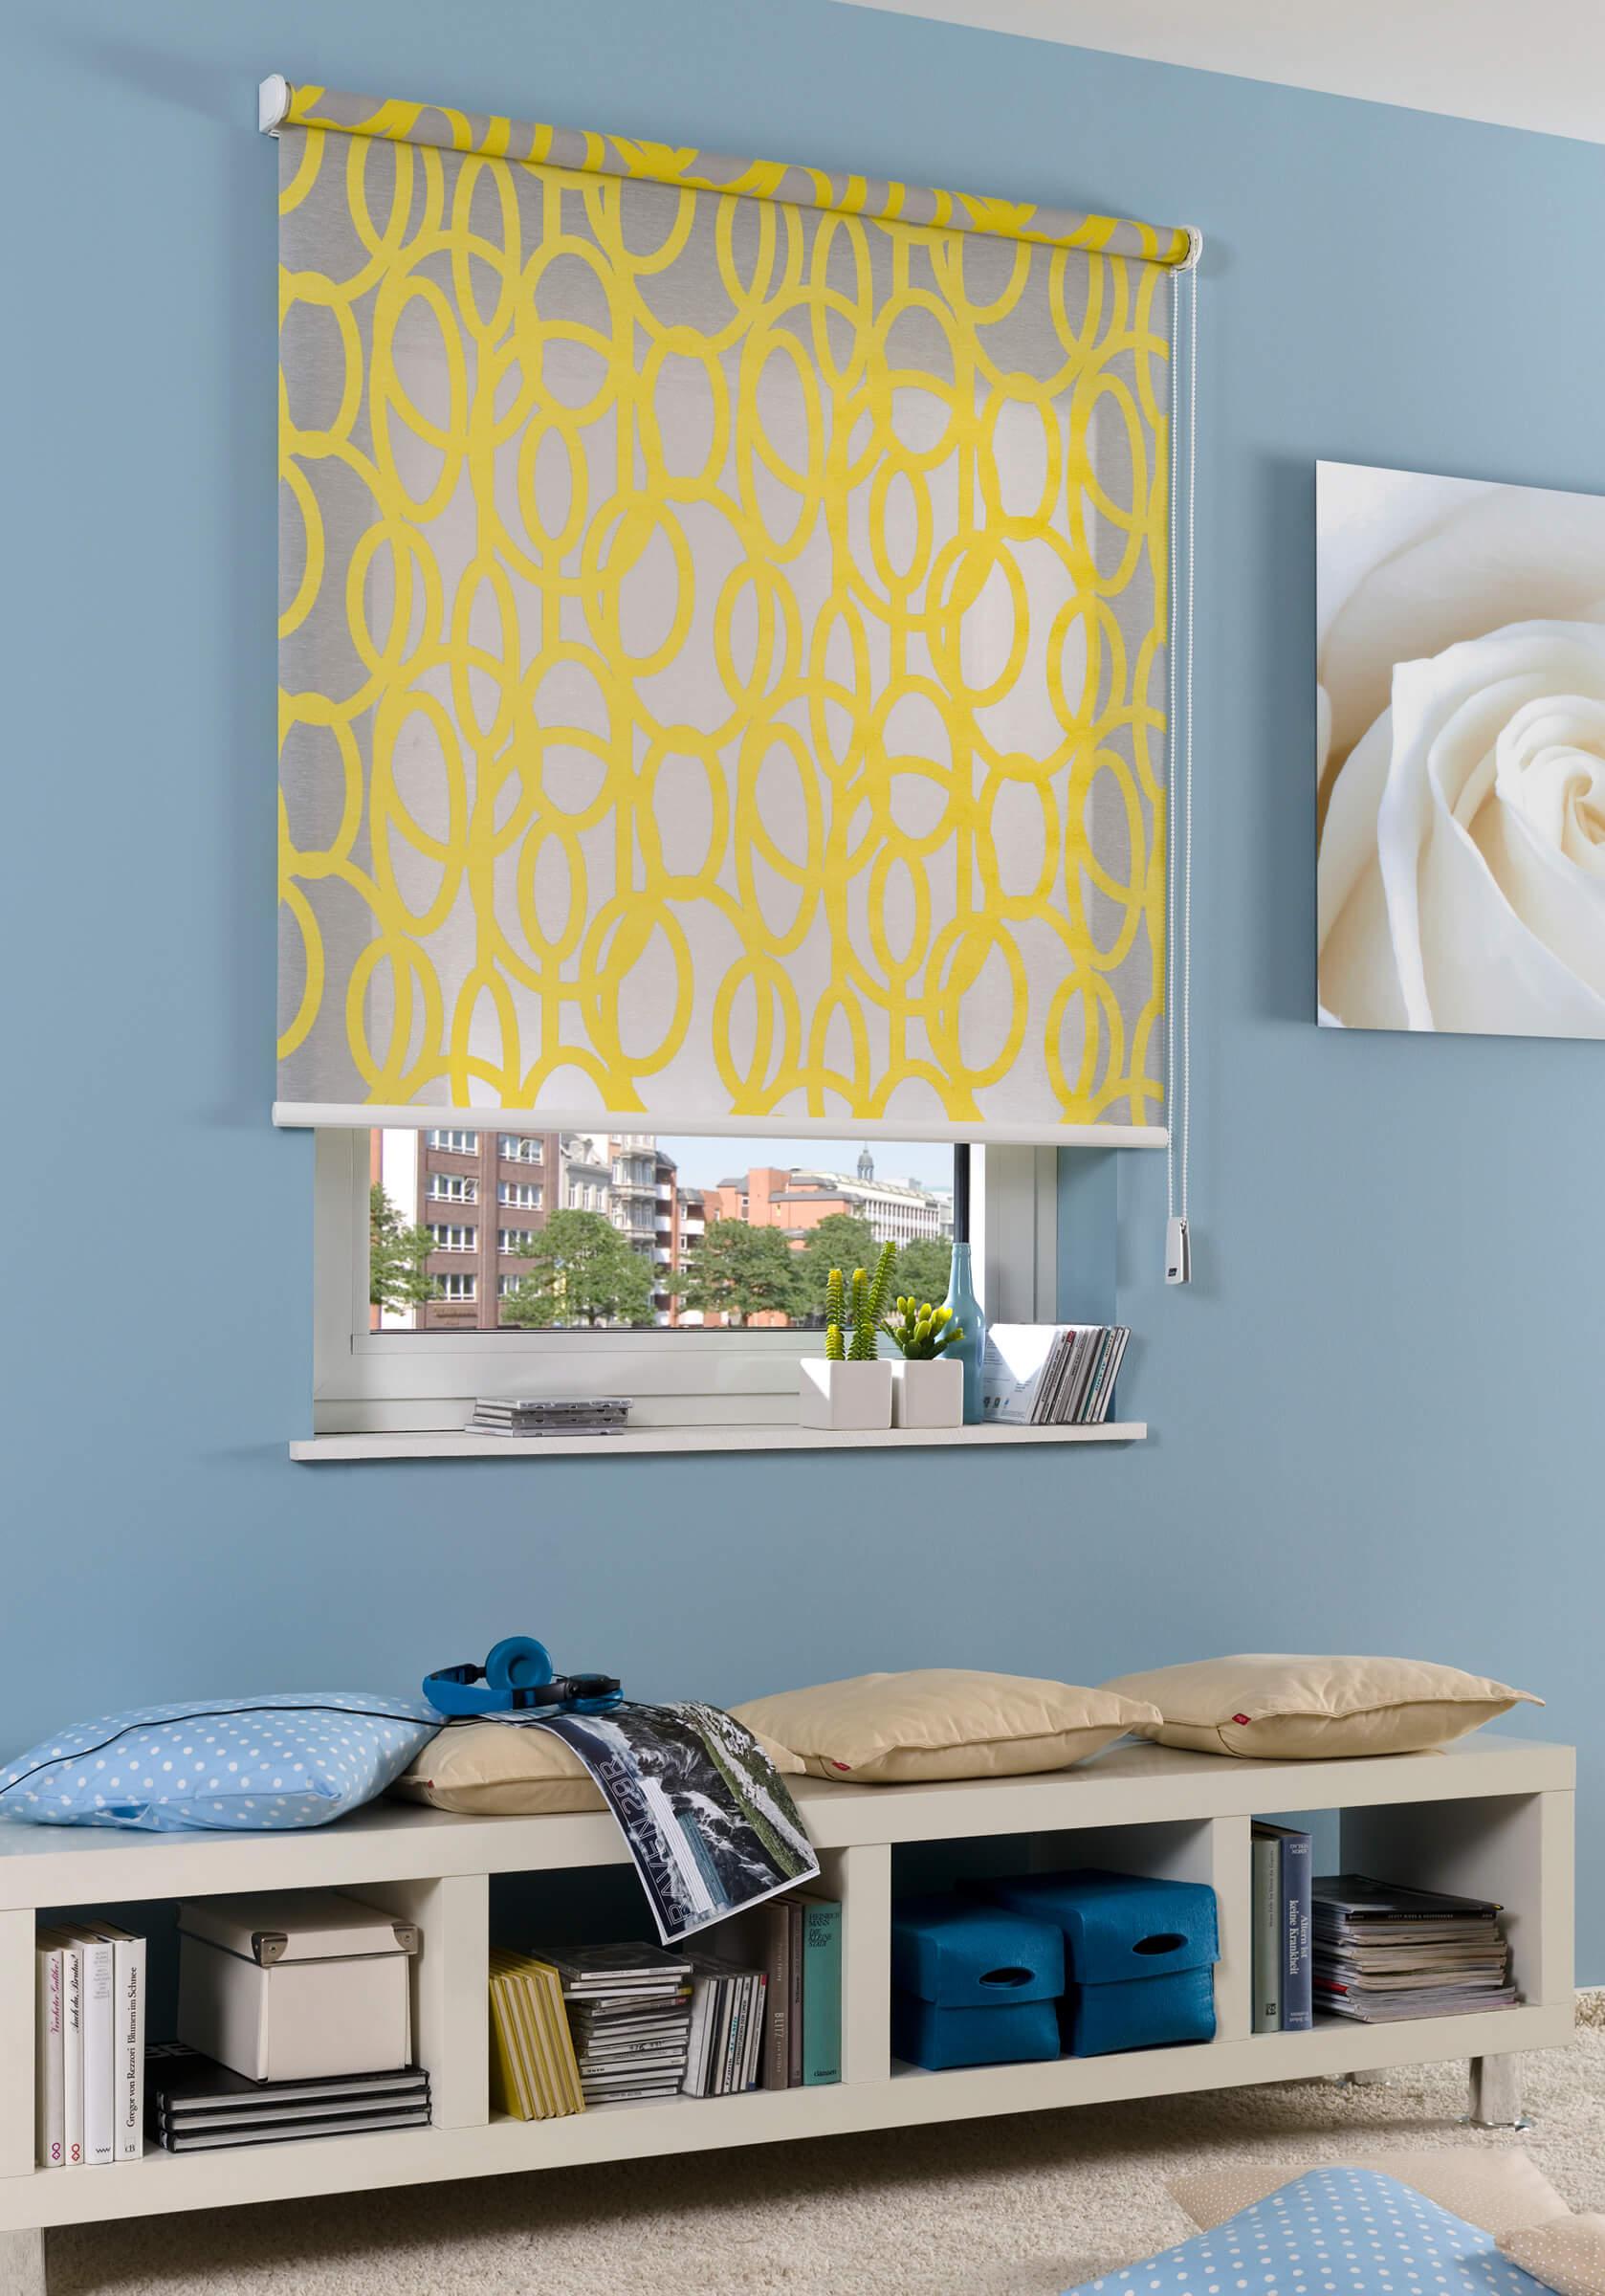 Gelbes Seitenzugrollo mit Dekor im Wohnzimmer